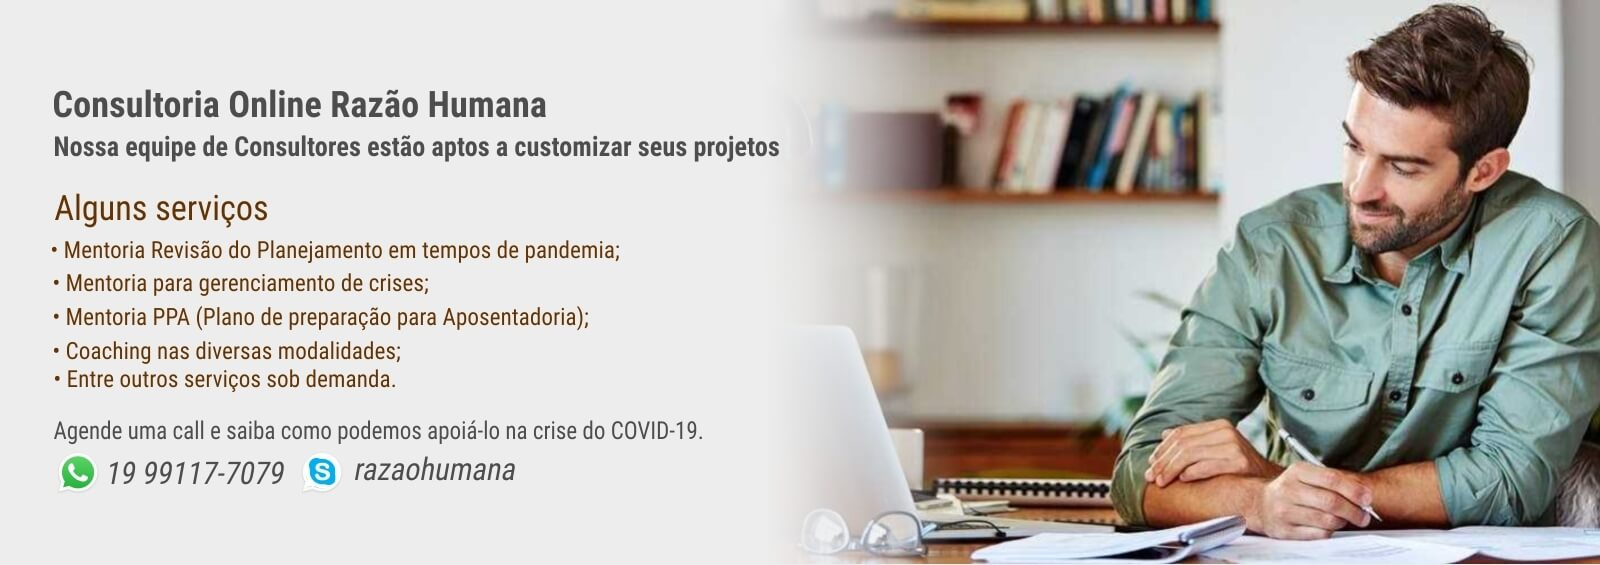 Razão Humana Online